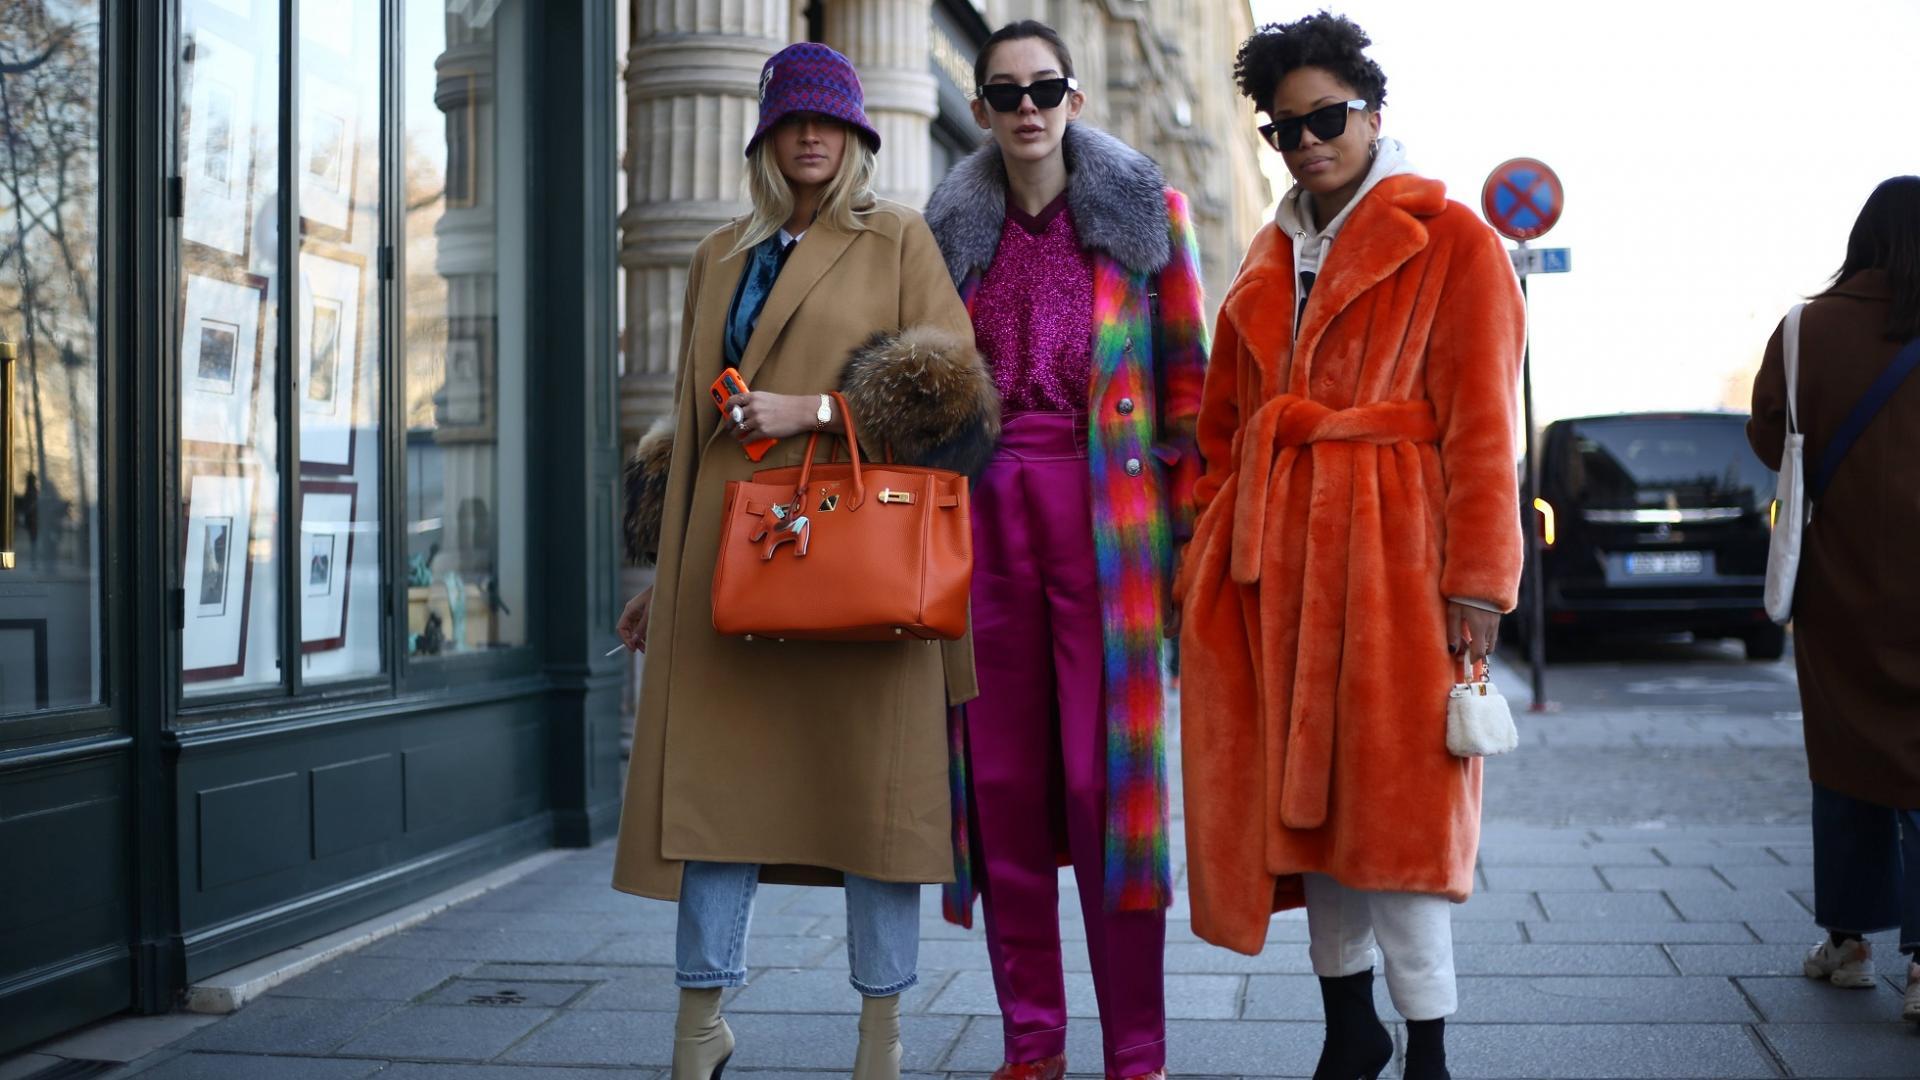 drei Frauen auf dem Bürgersteig mit modischer Kleidung und orangfarbener Hermès Tasche